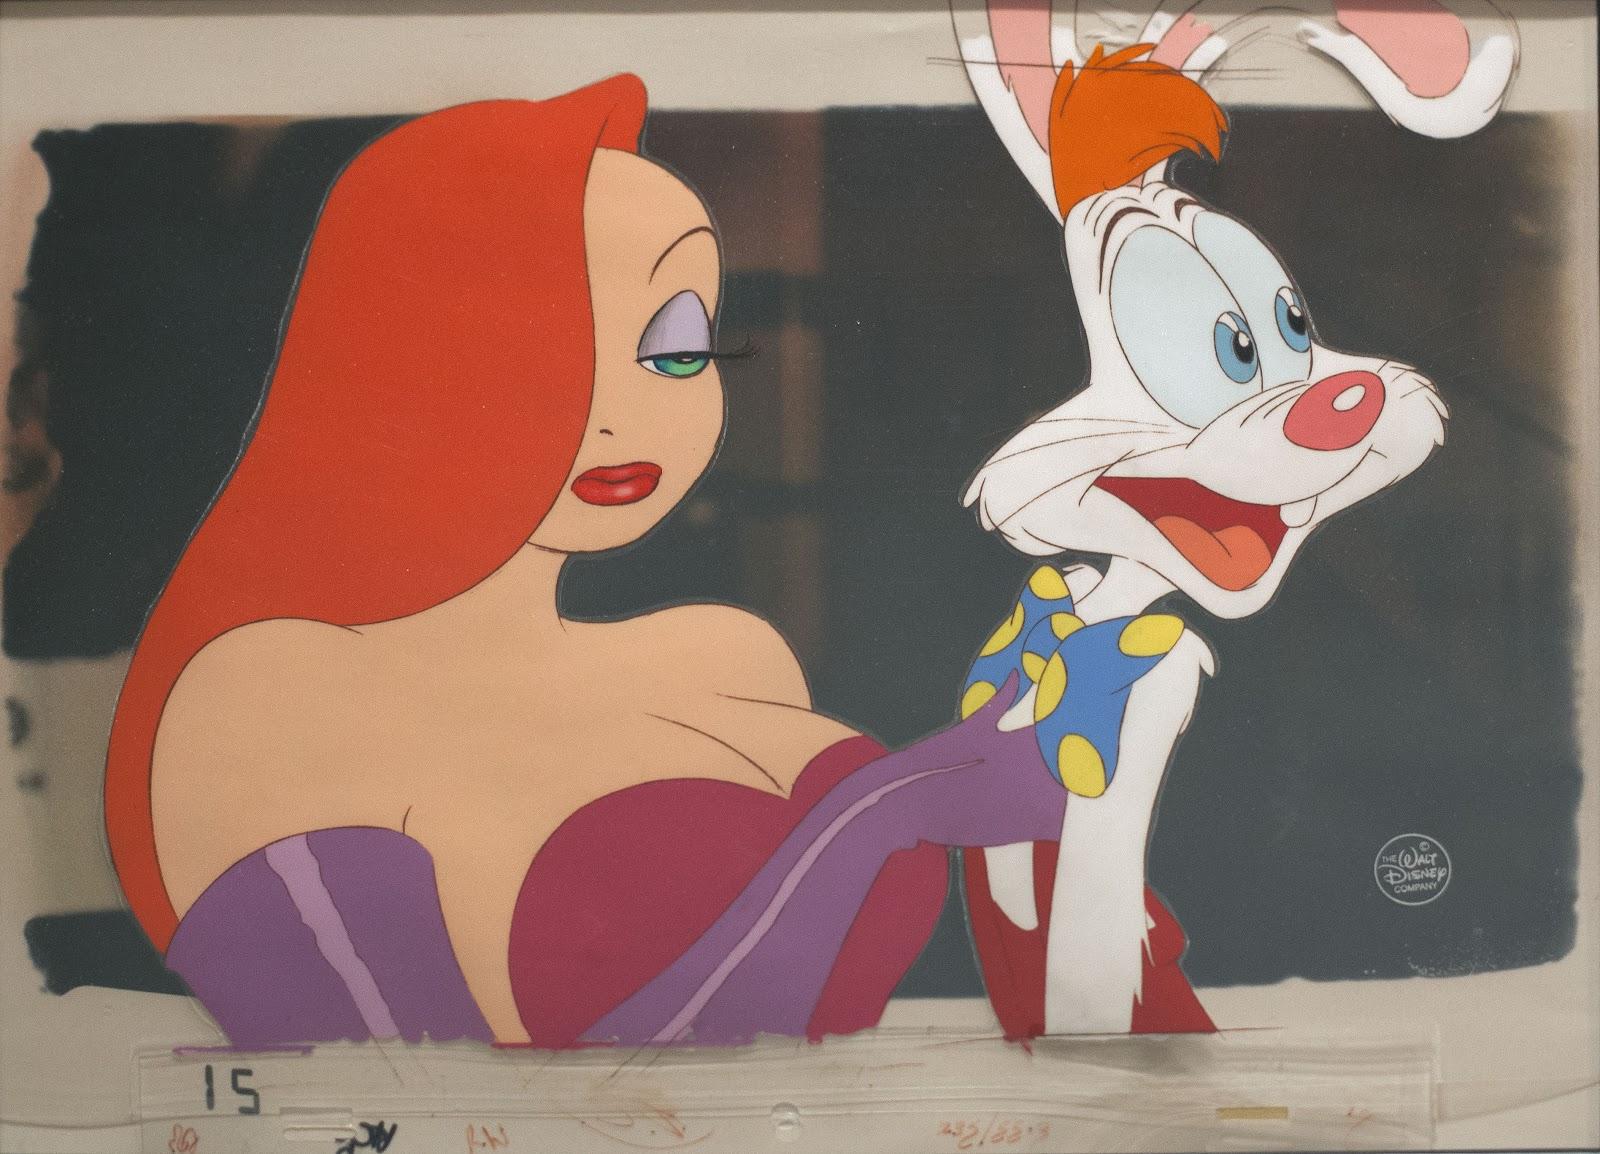 Jessica Rabbit With Roger Rabbit